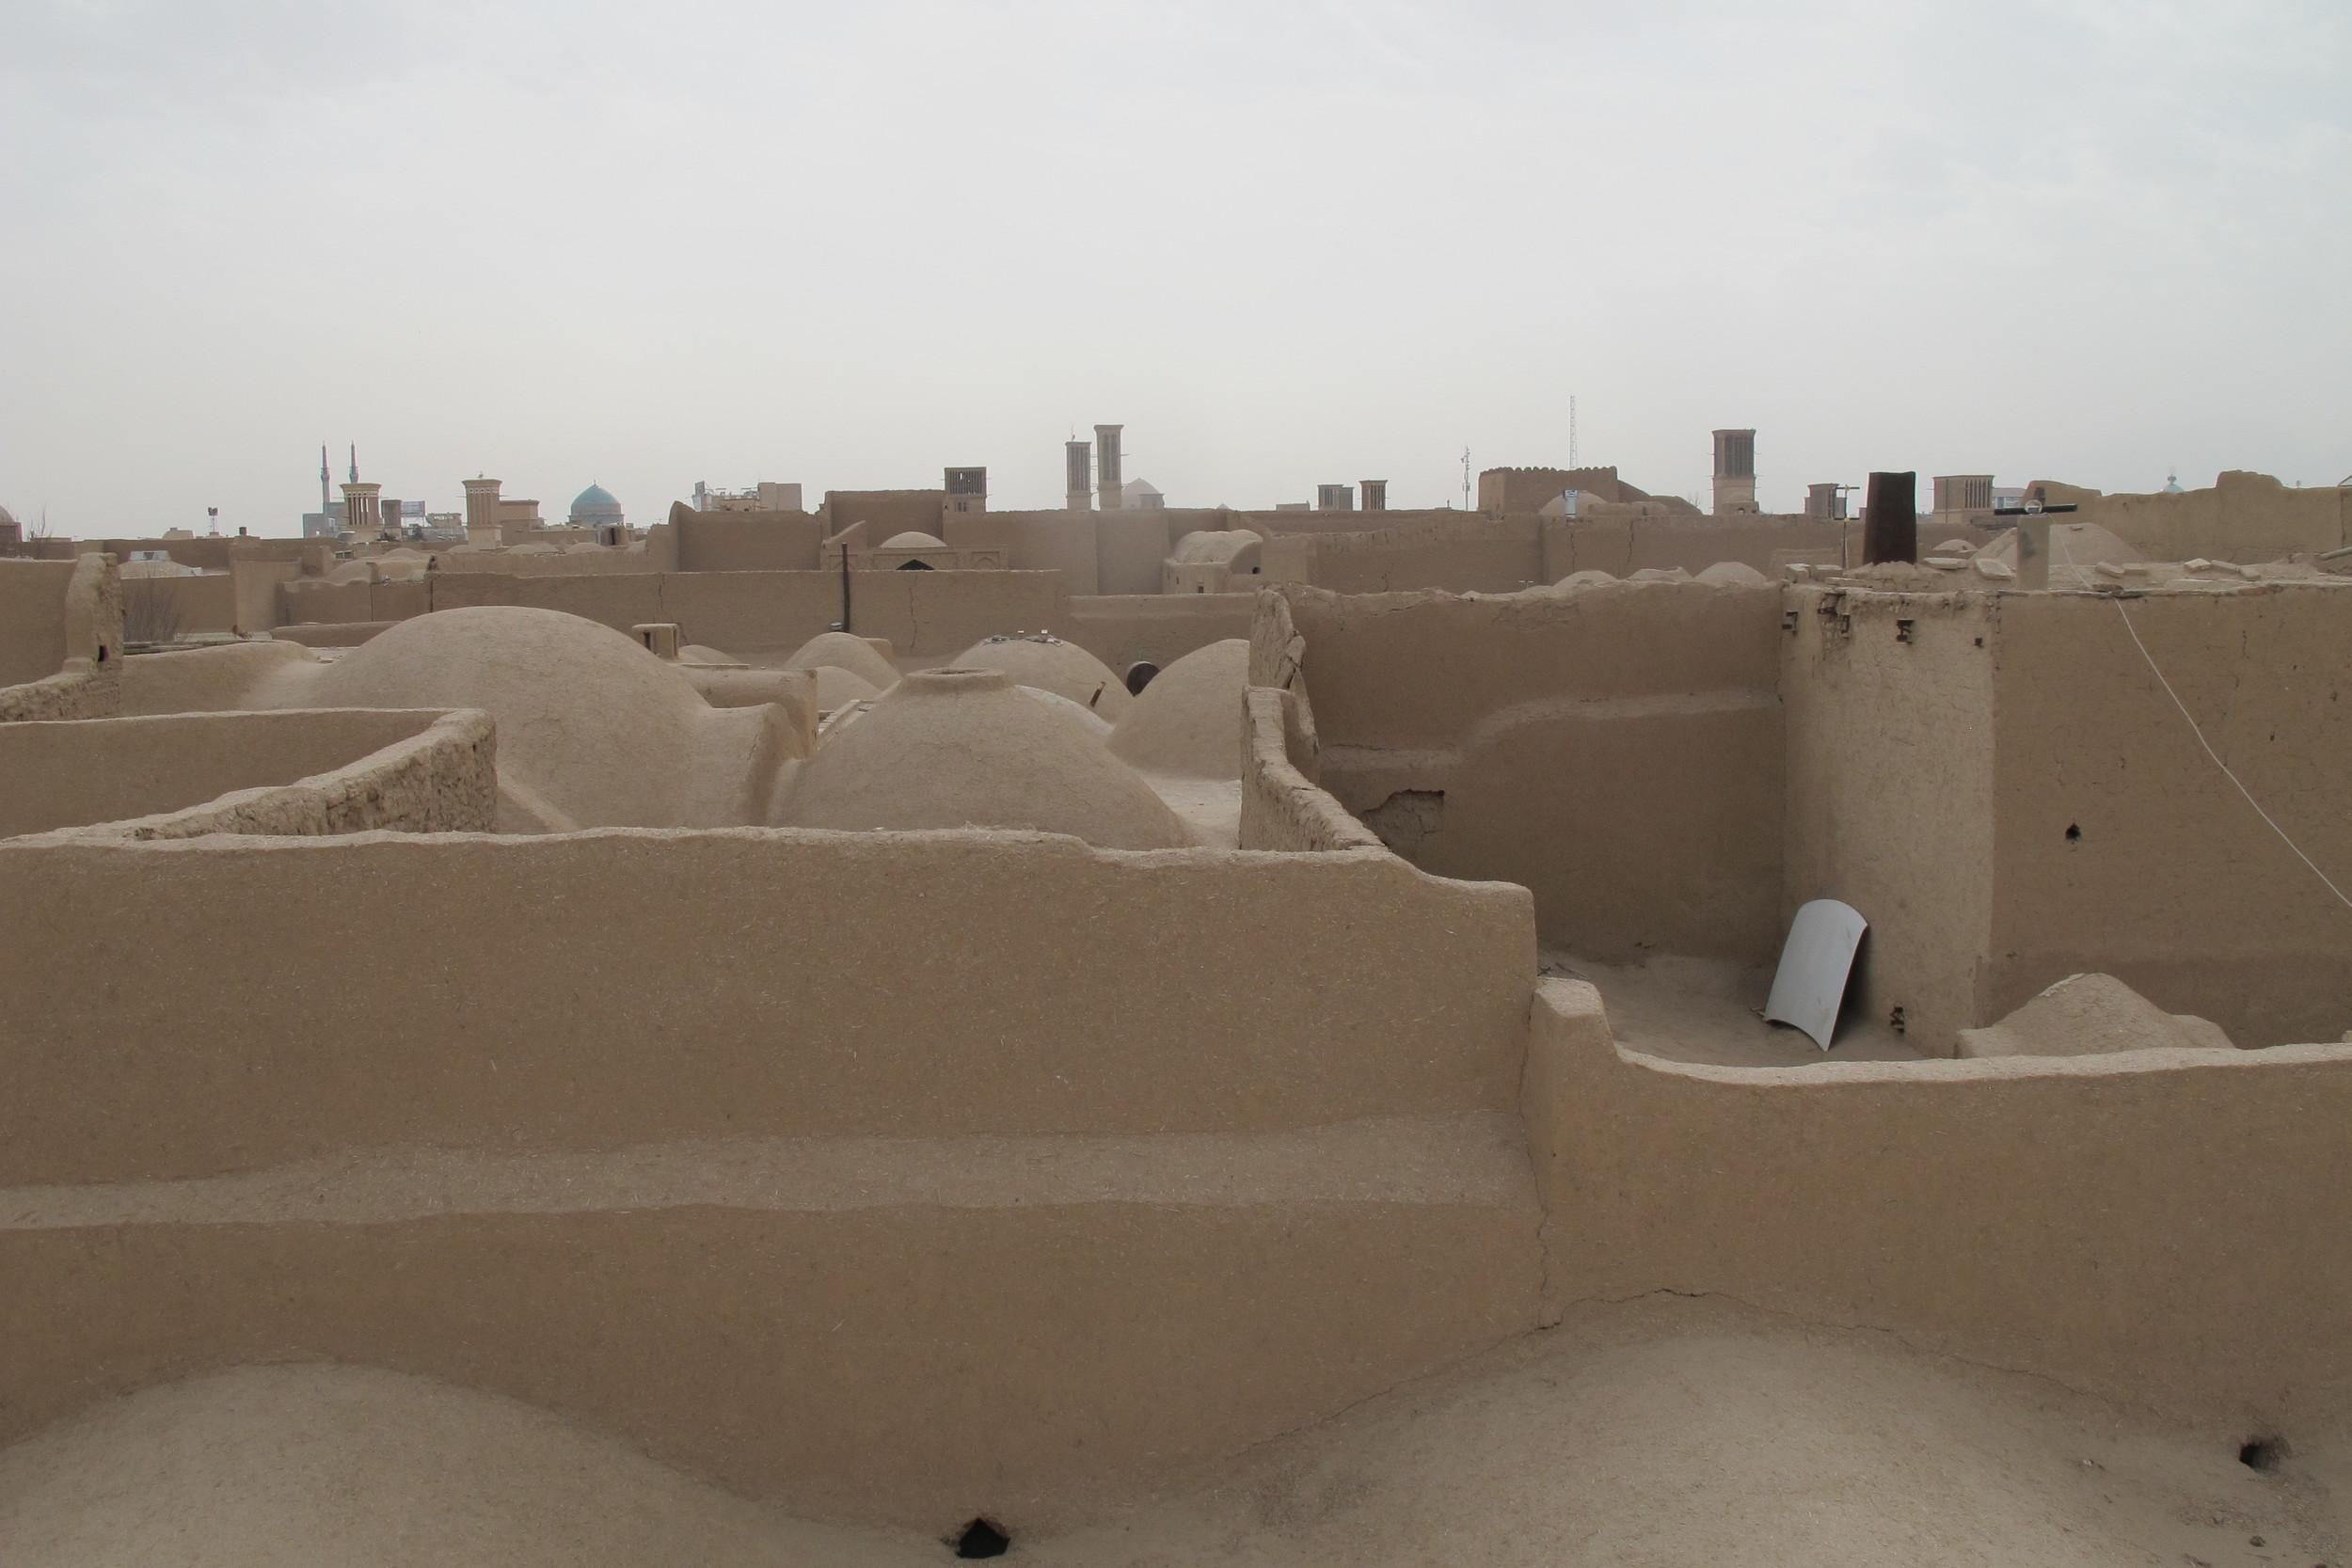 Vy över Yazd – en stad i soltorkad lera, där vindtornen höjer sig i bakgrunden. Foto: Bitte Hammargren